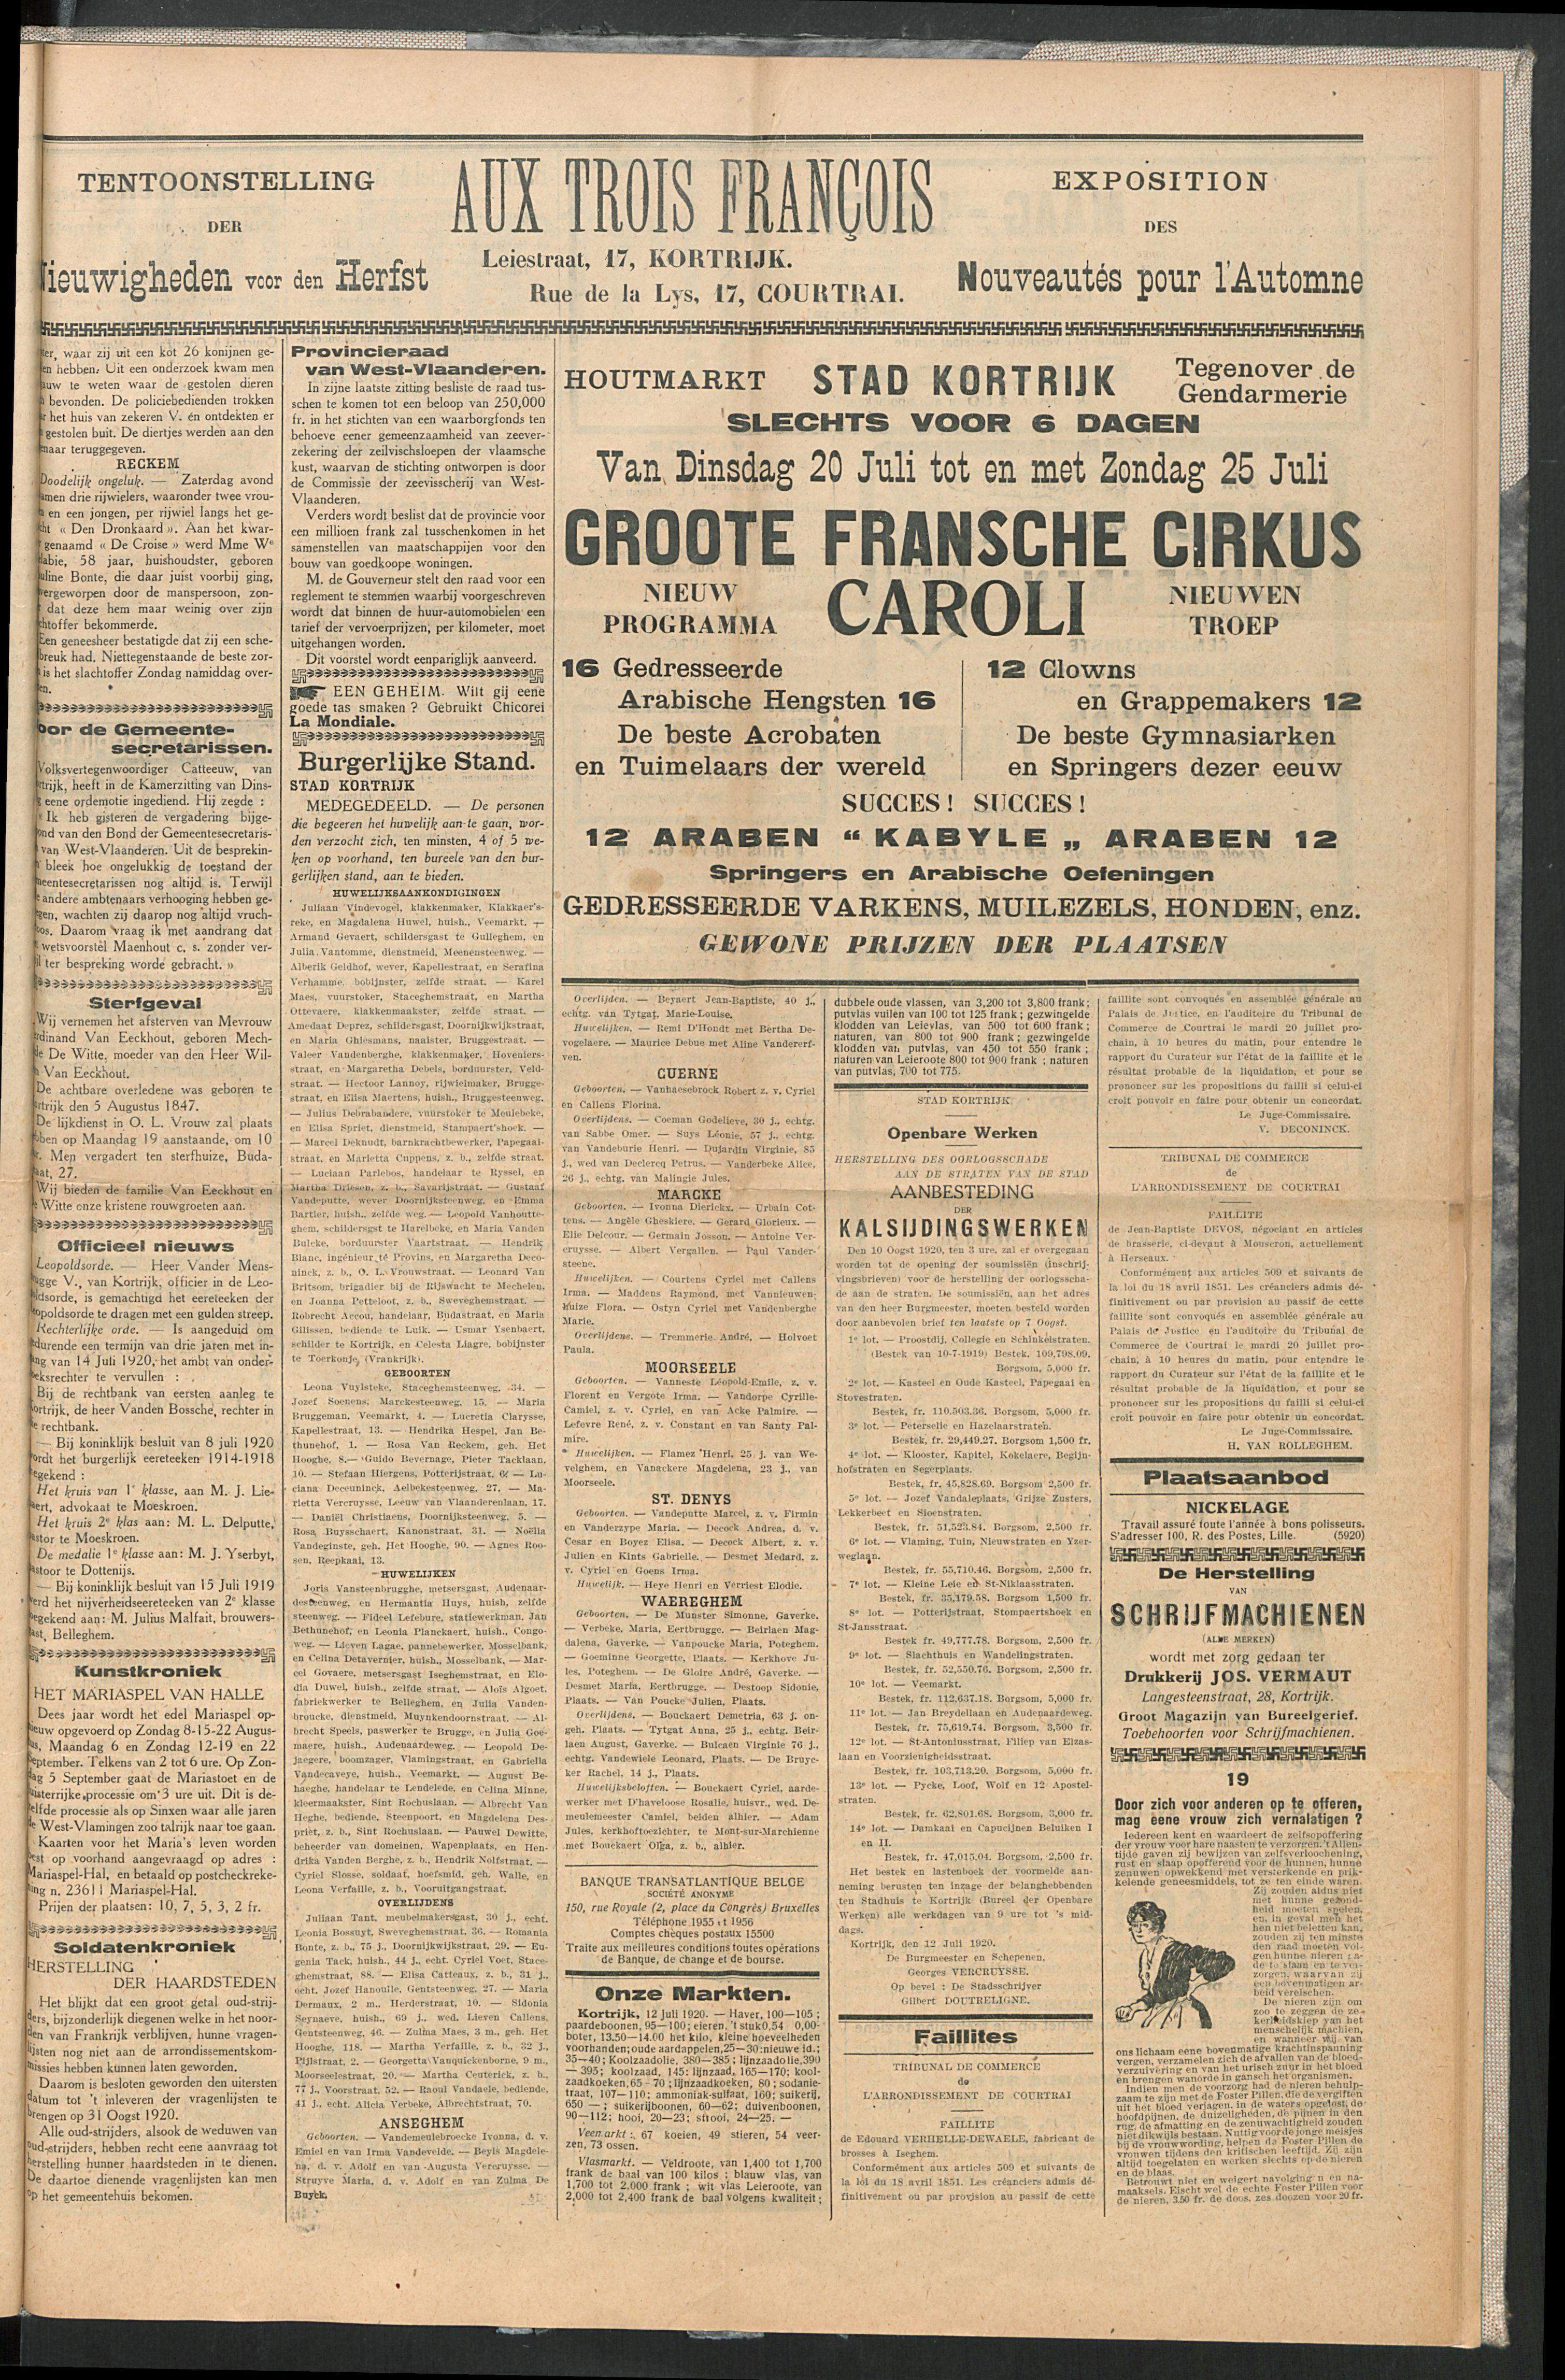 Het Kortrijksche Volk 1920-07-18 p3